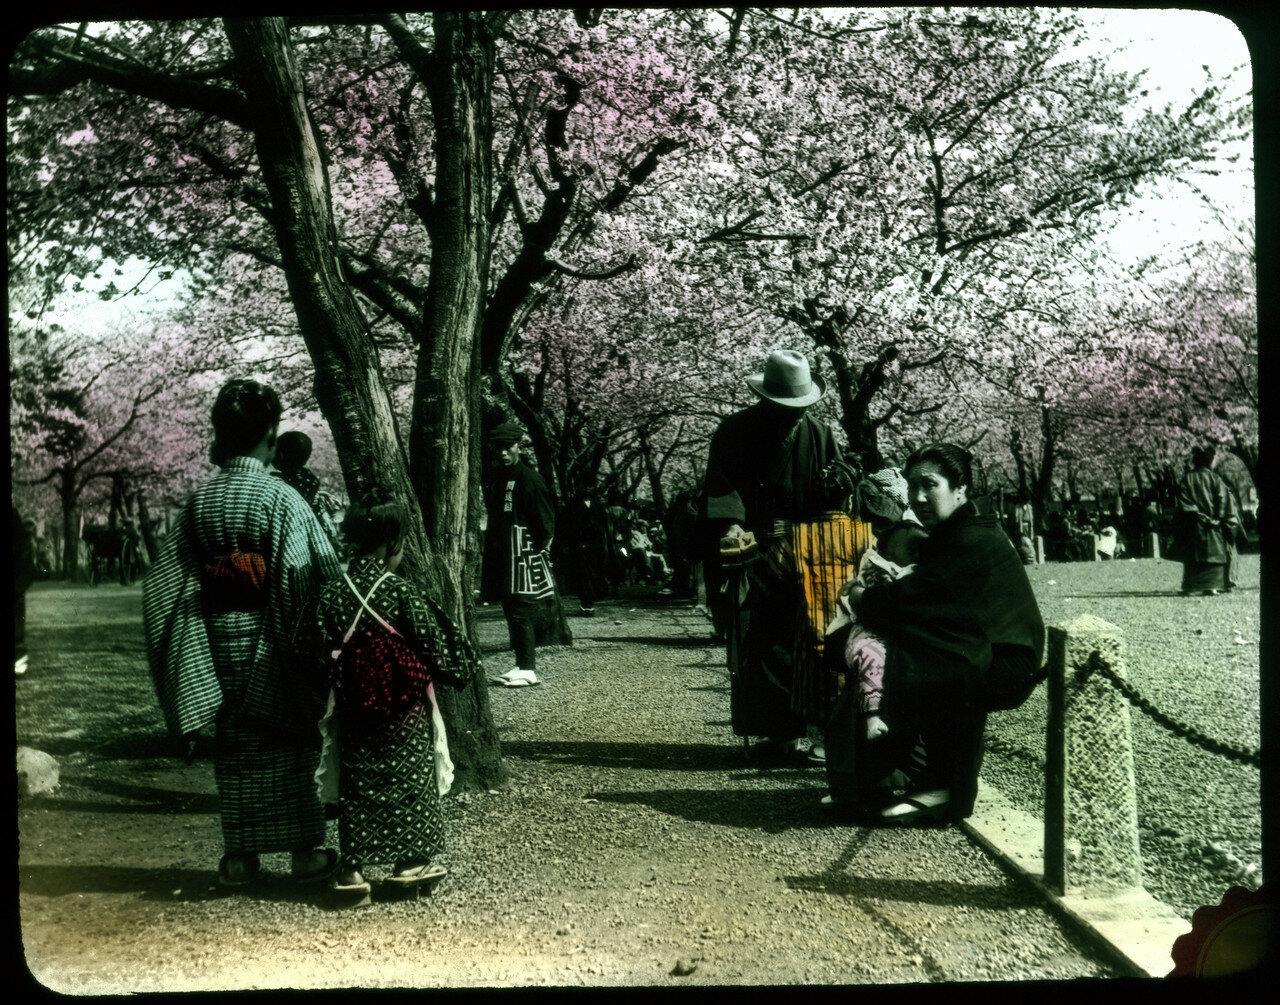 Люди в традиционной одежде в парке